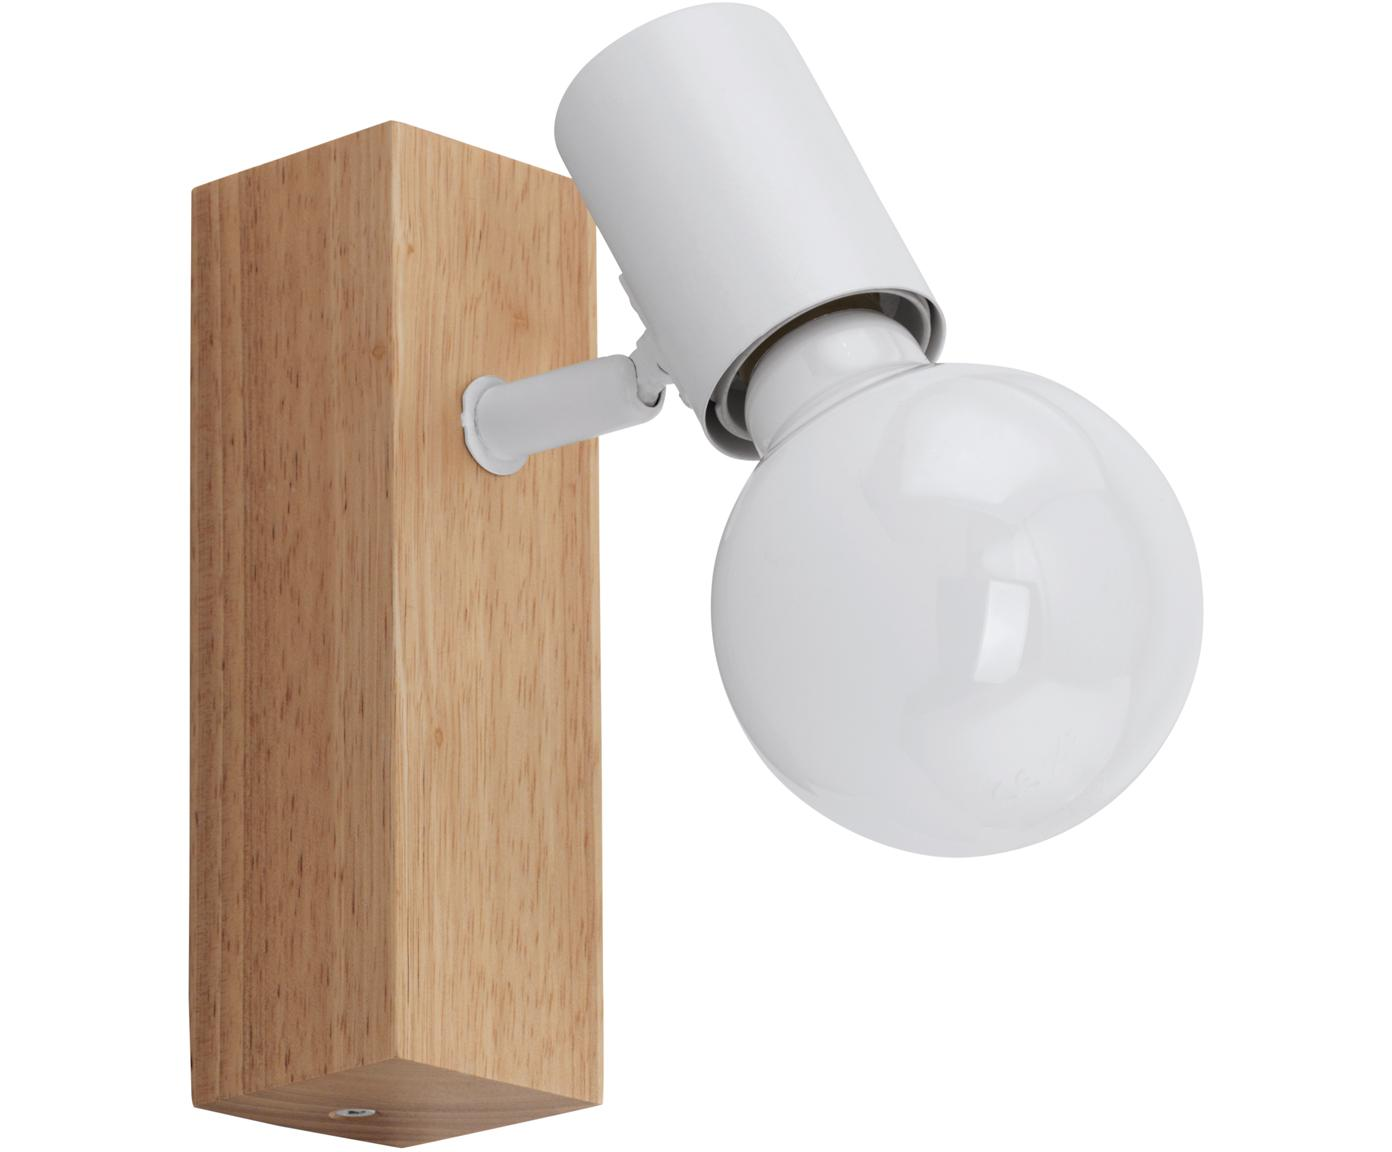 Aplique Townshend, Fijación: madera, Blanco, madera, An 5 x Al 17 cm